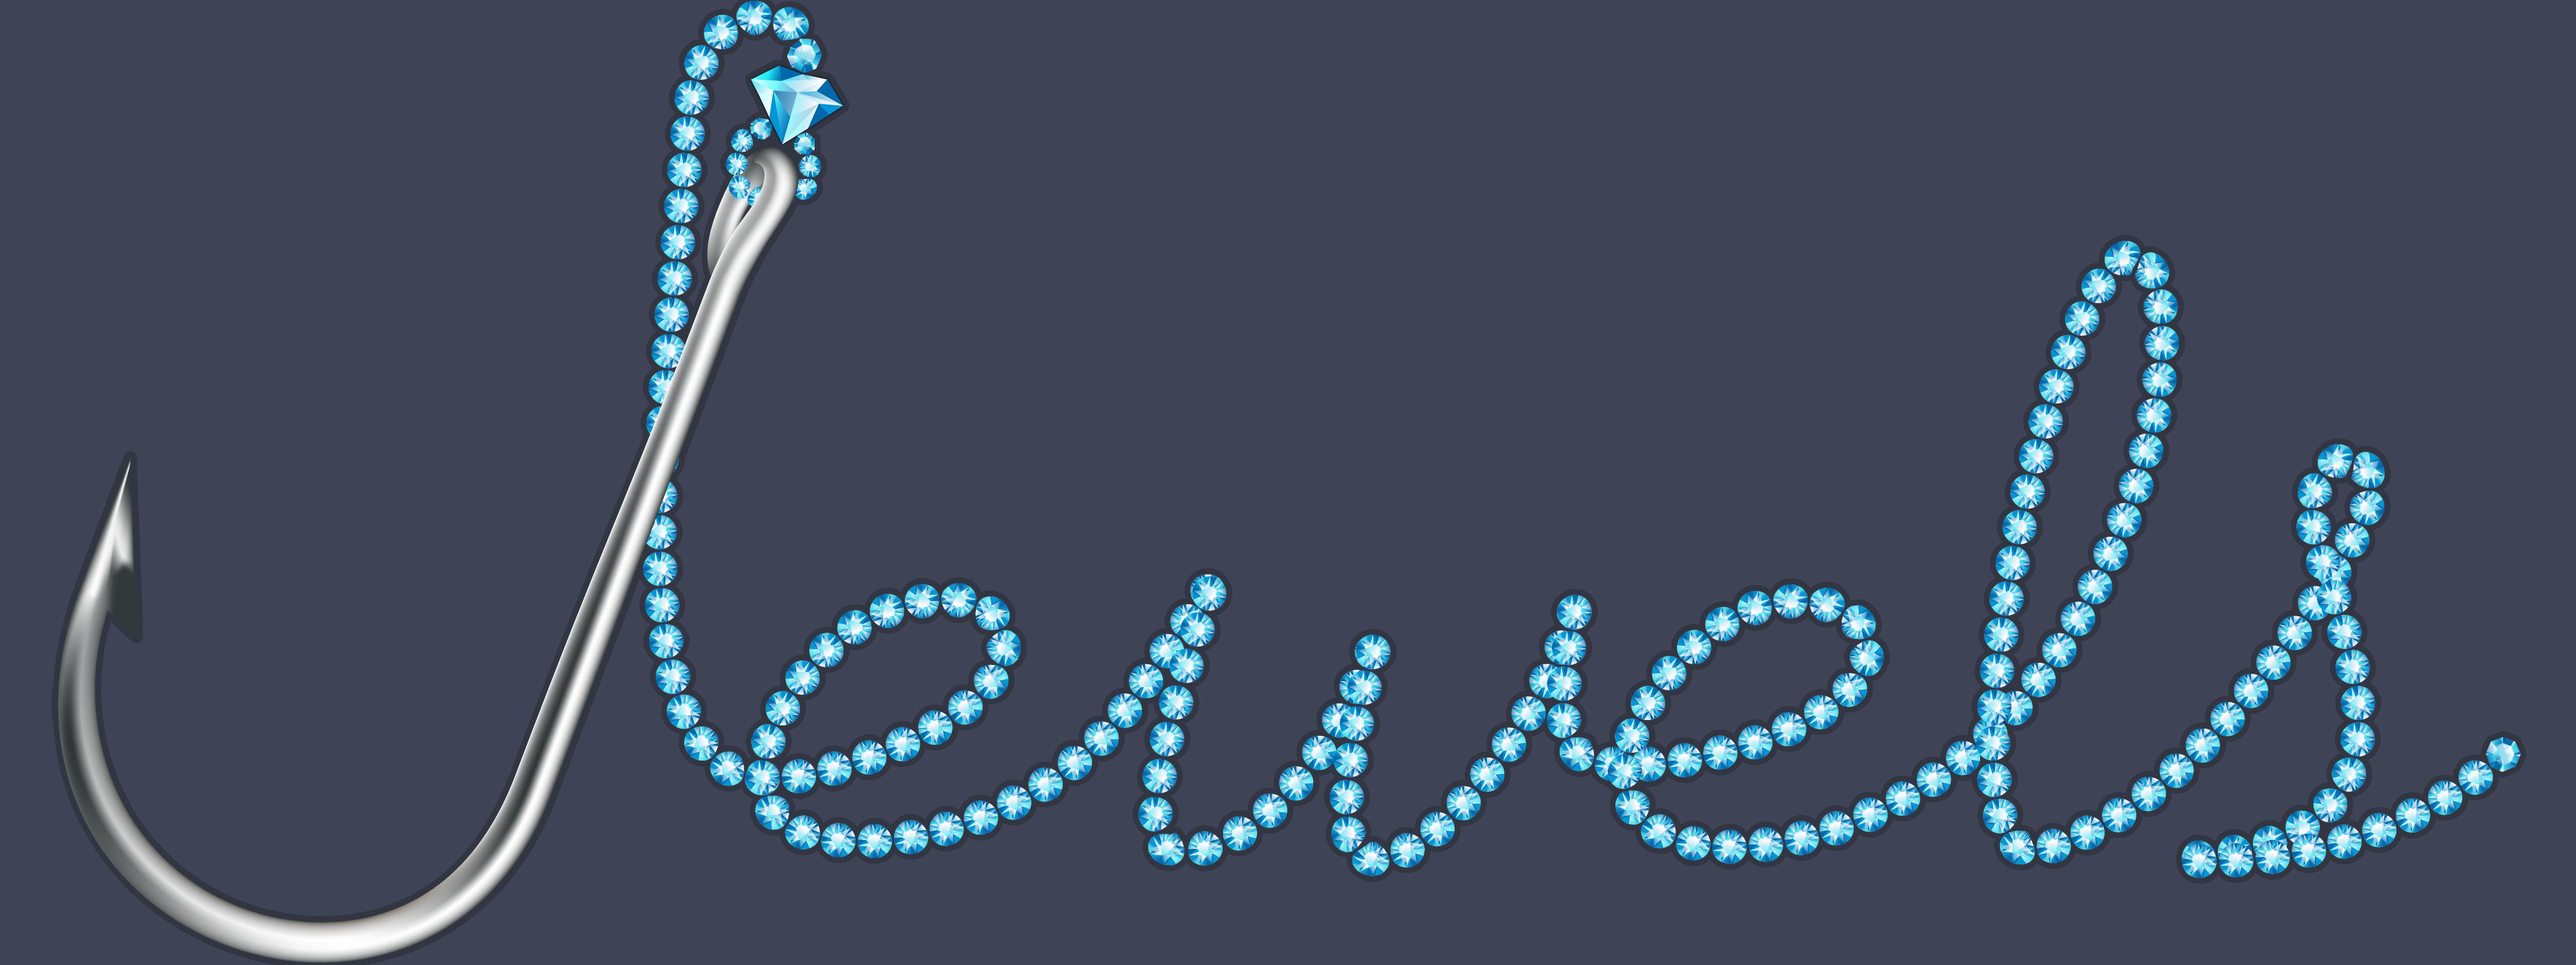 Jewels---02-02-01-01-01-01-01-01